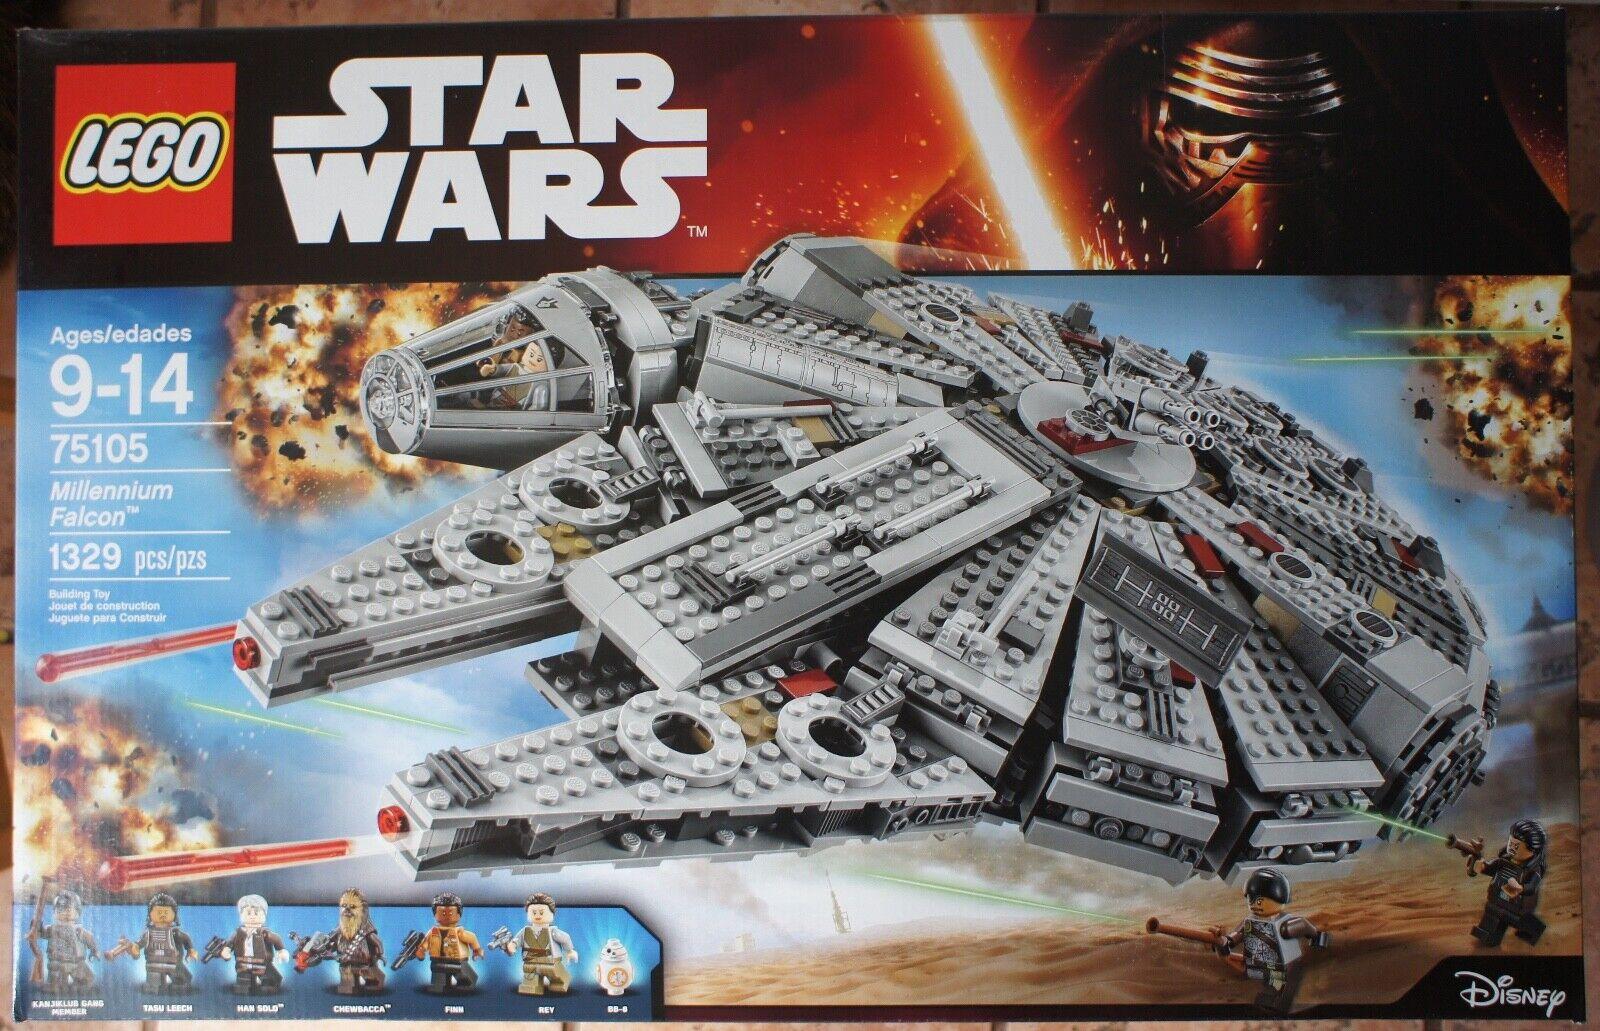 Lego Star Wars 75105 Millennium Falcon  -   Brand nouveau  Découvrez le moins cher